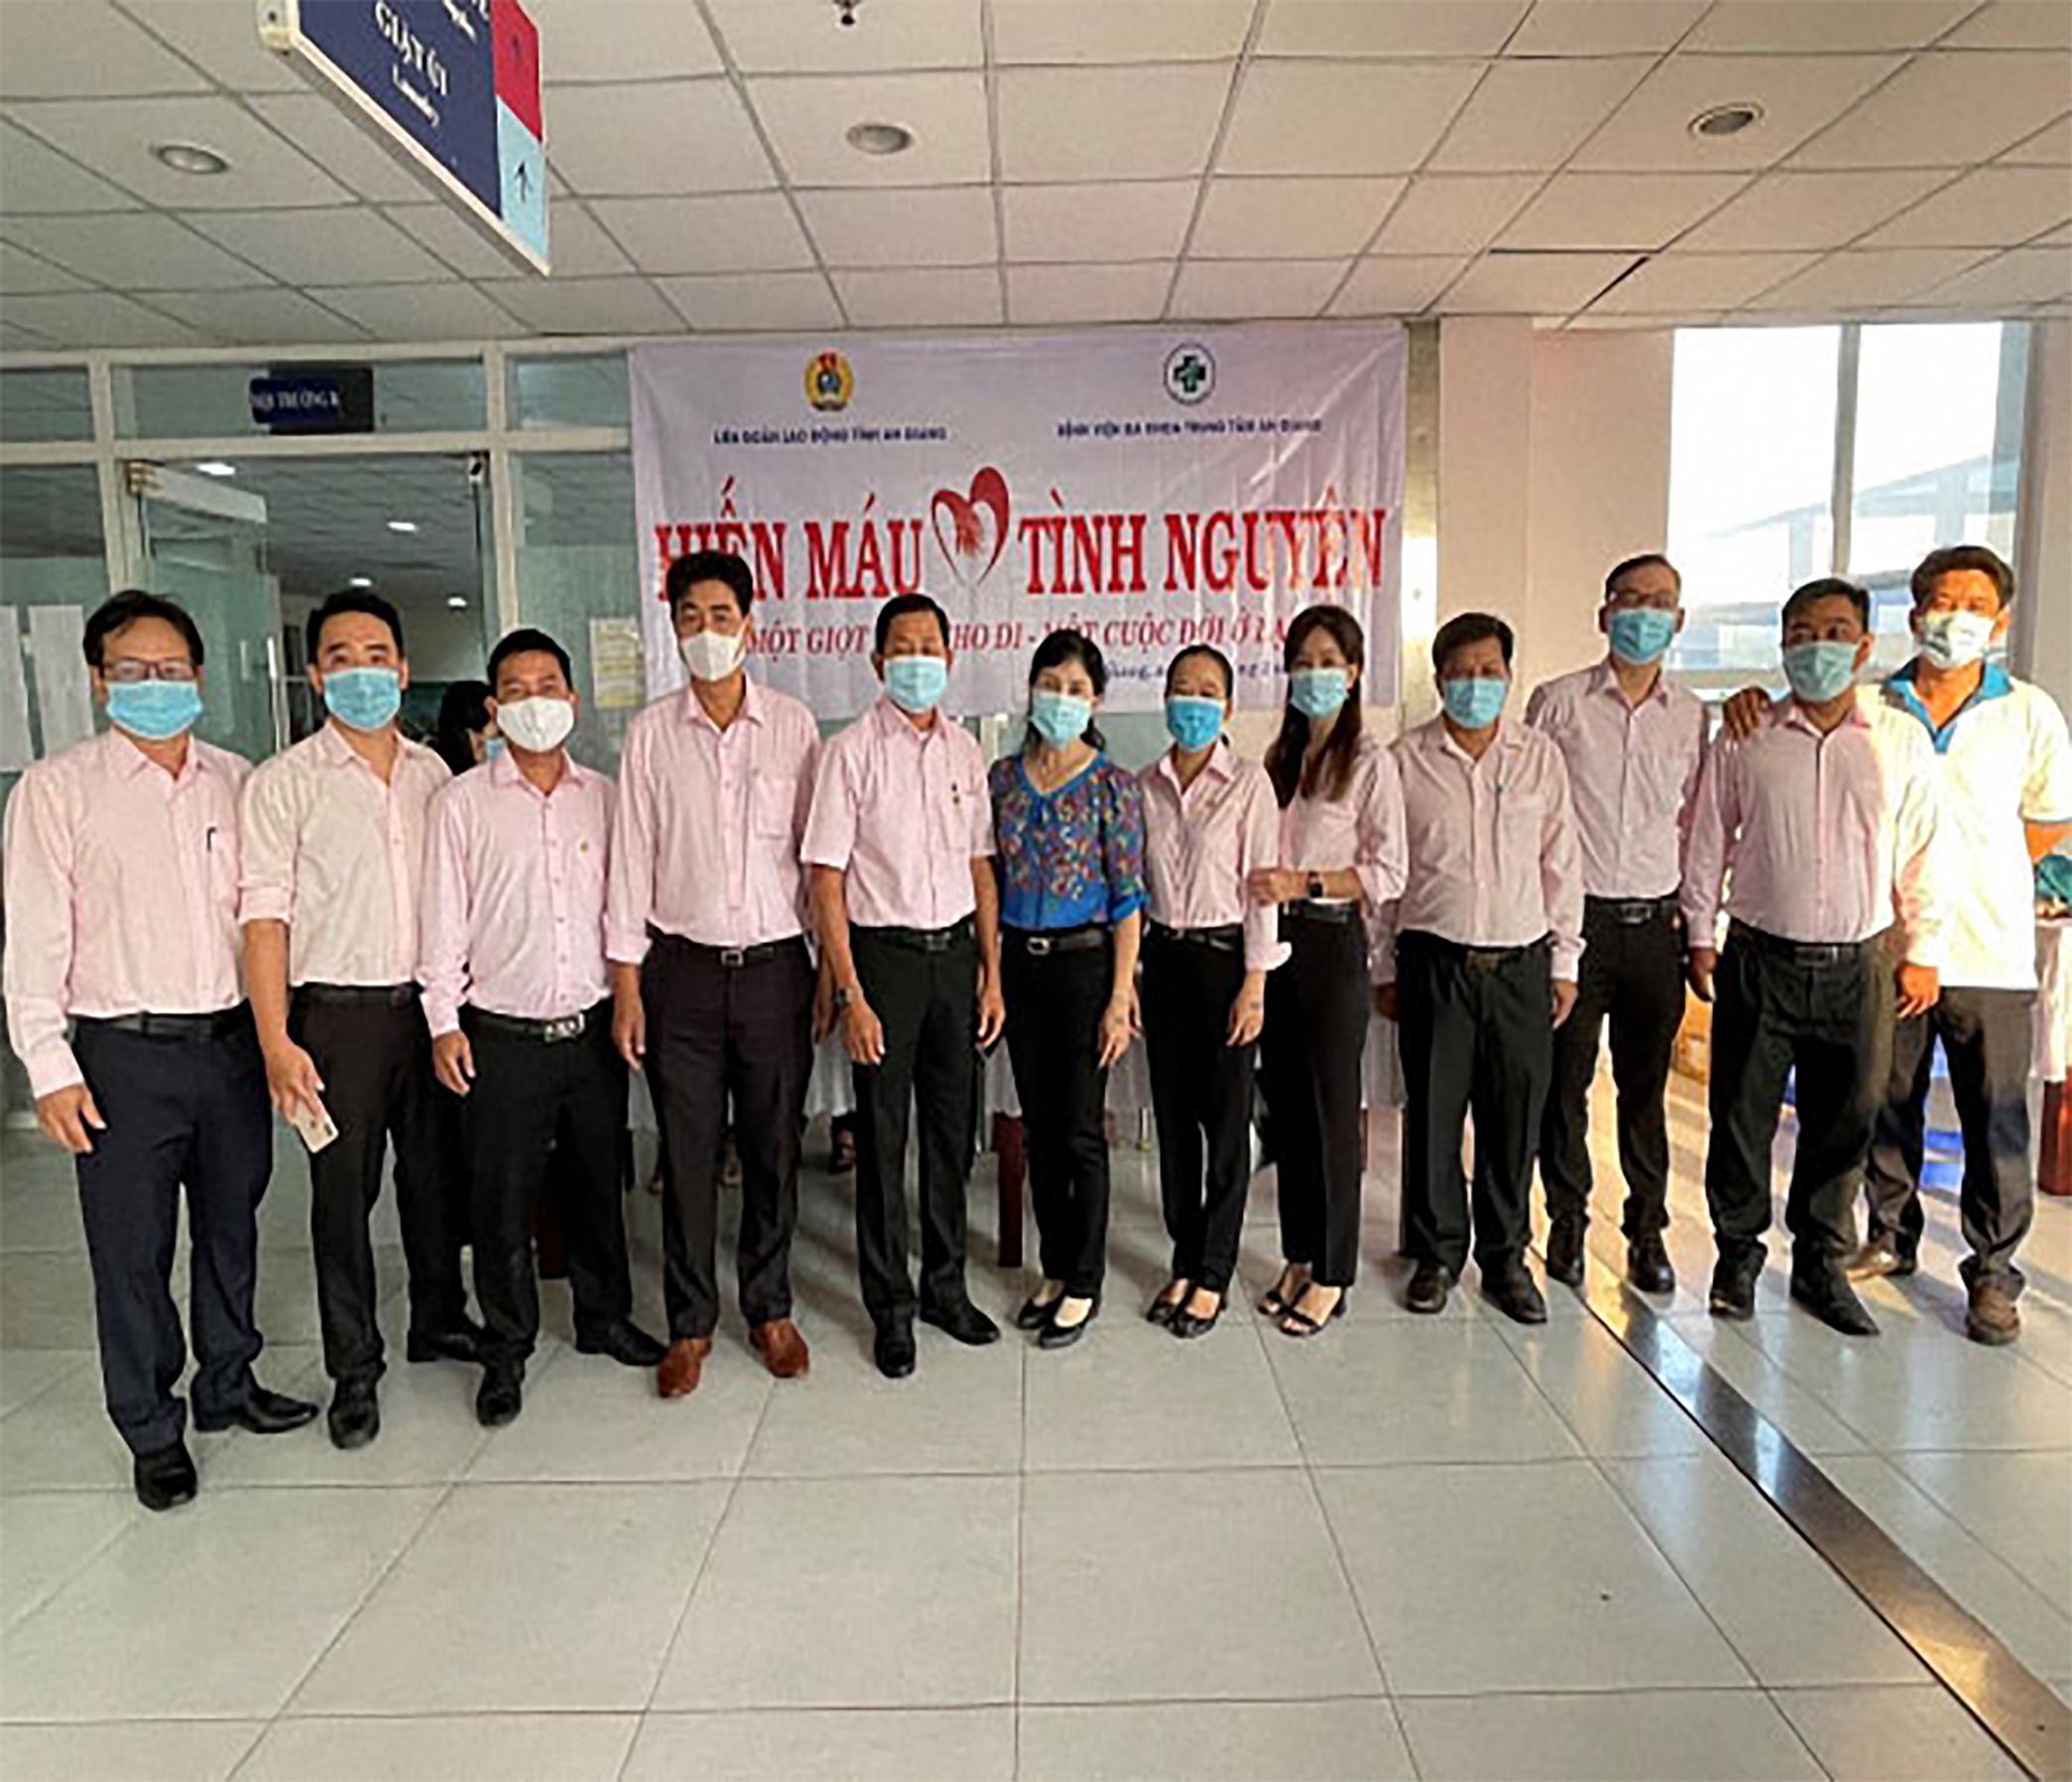 Công đoàn Công ty TNHH MTV Xổ số Kiến thiết An Giang tham gia hiến máu tình nguyện trong bối cảnh dịch bệnh COVID-19